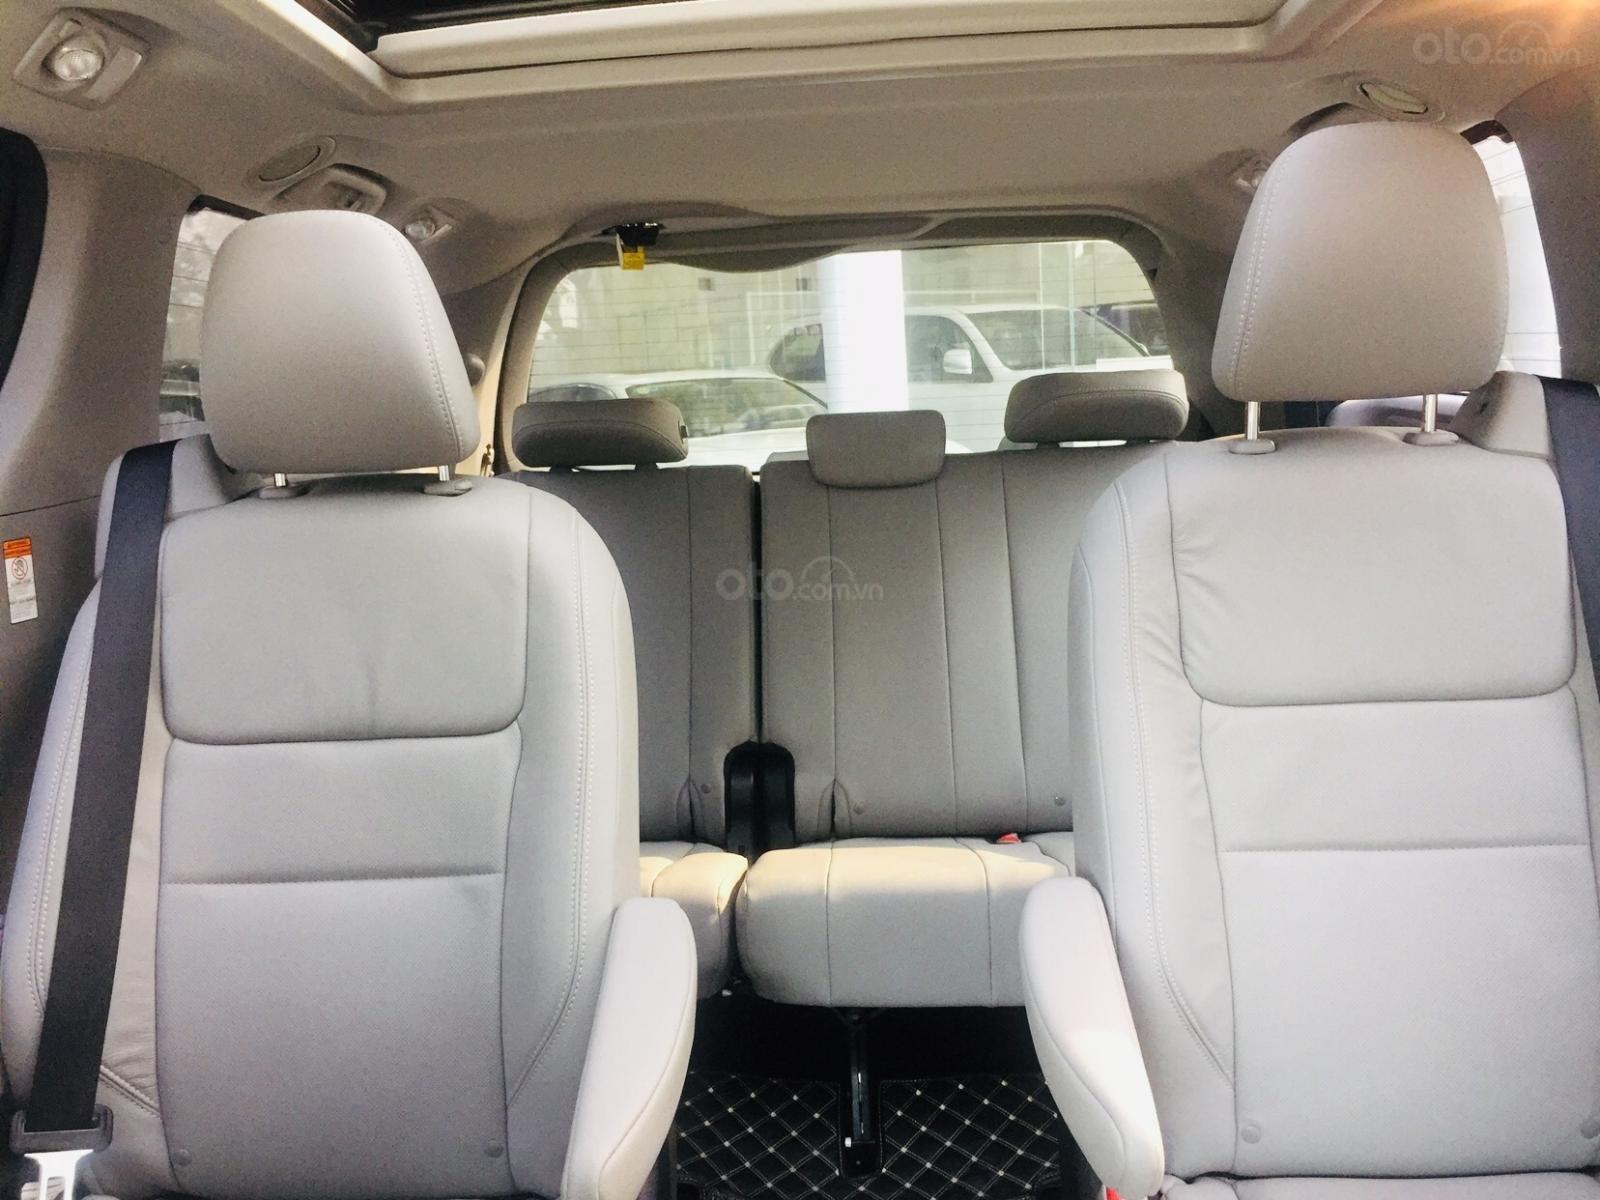 Bán xe Toyota Sienna Limidted Sx 2018, màu trắng, siêu lướt 2000km - LH: 0982.84.2838-14